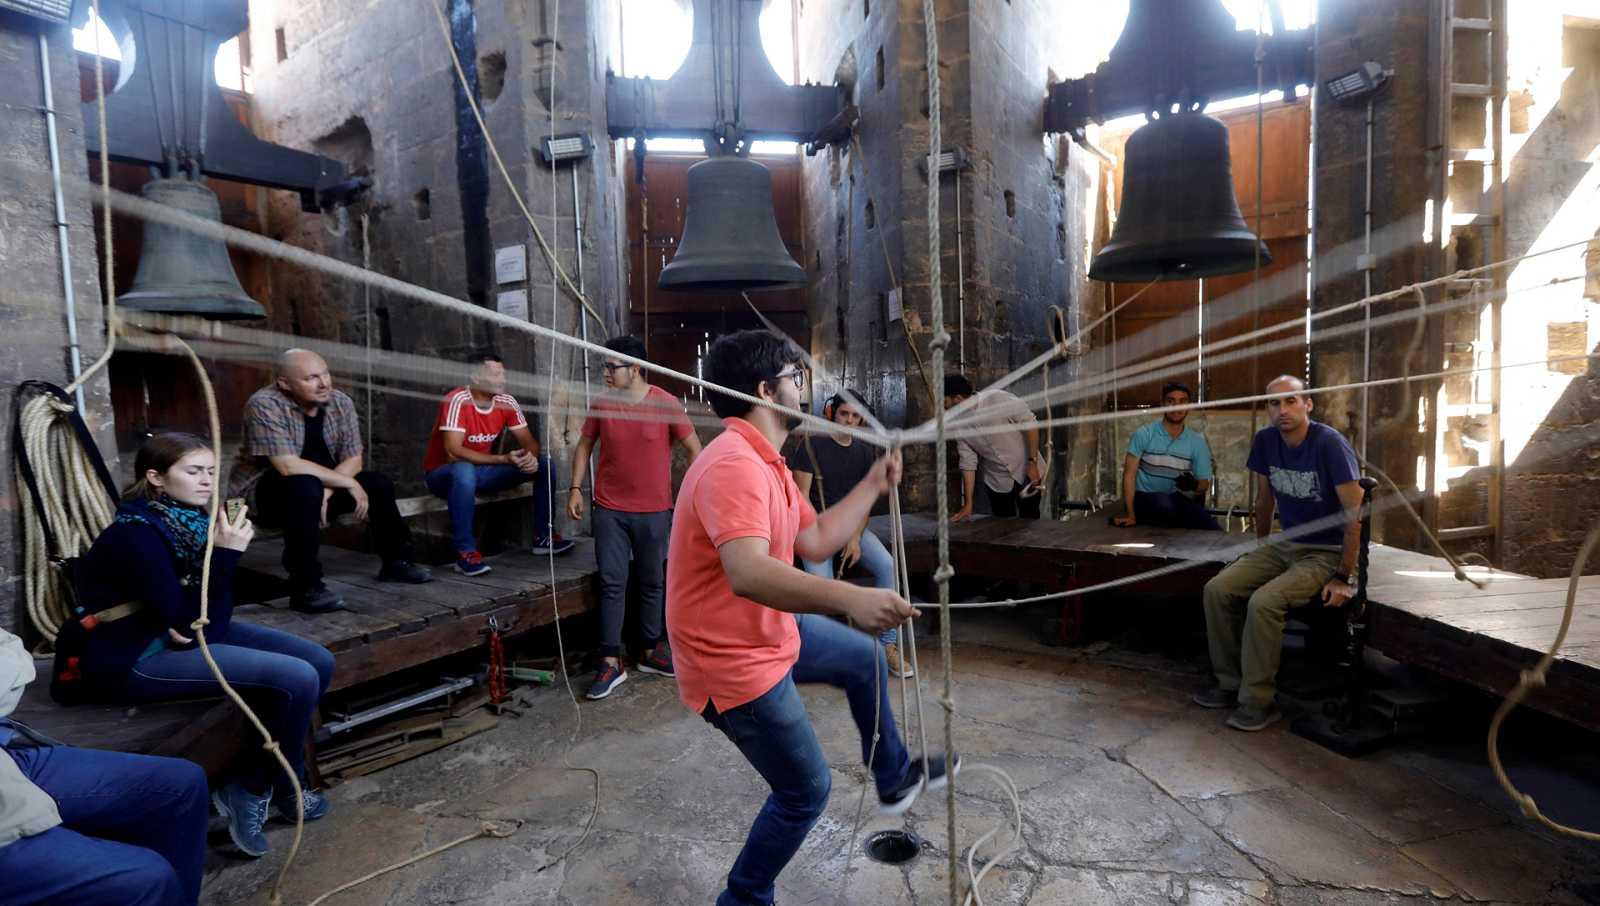 Punto de enlace - España presenta el toque manual de campanas a Patrimonio de la Humanidad - 06/05/21 - escuchar ahora